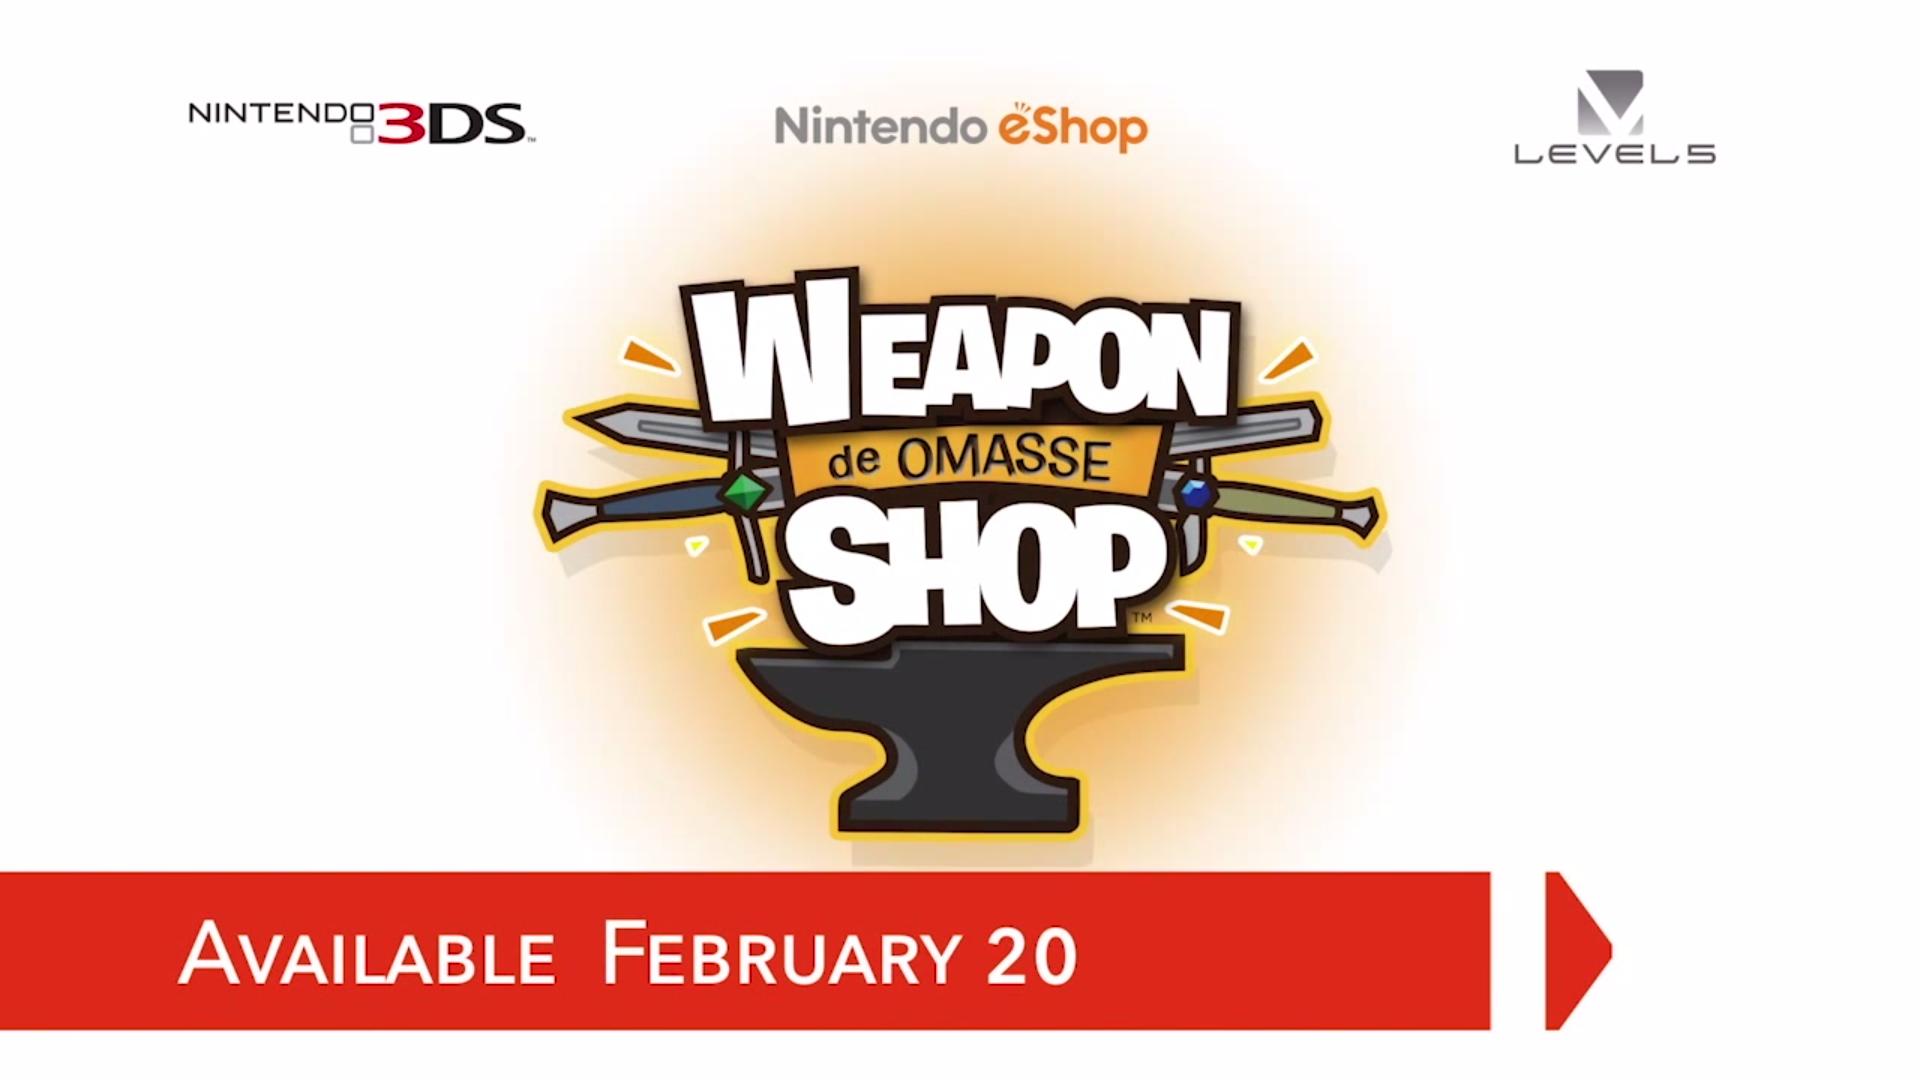 weapon shop3